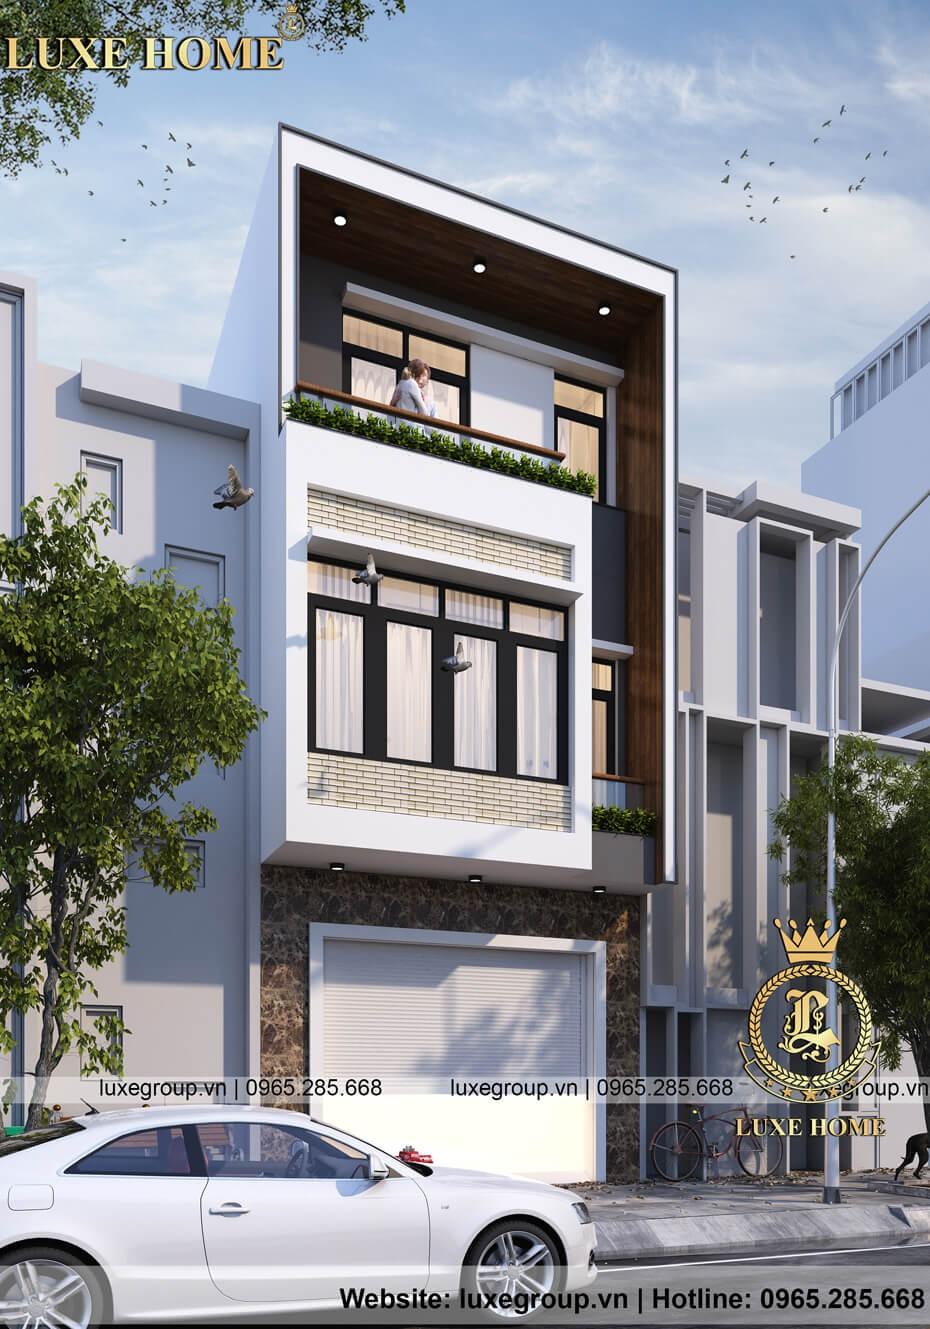 mẫu nhà biệt thự phố 3 tầng